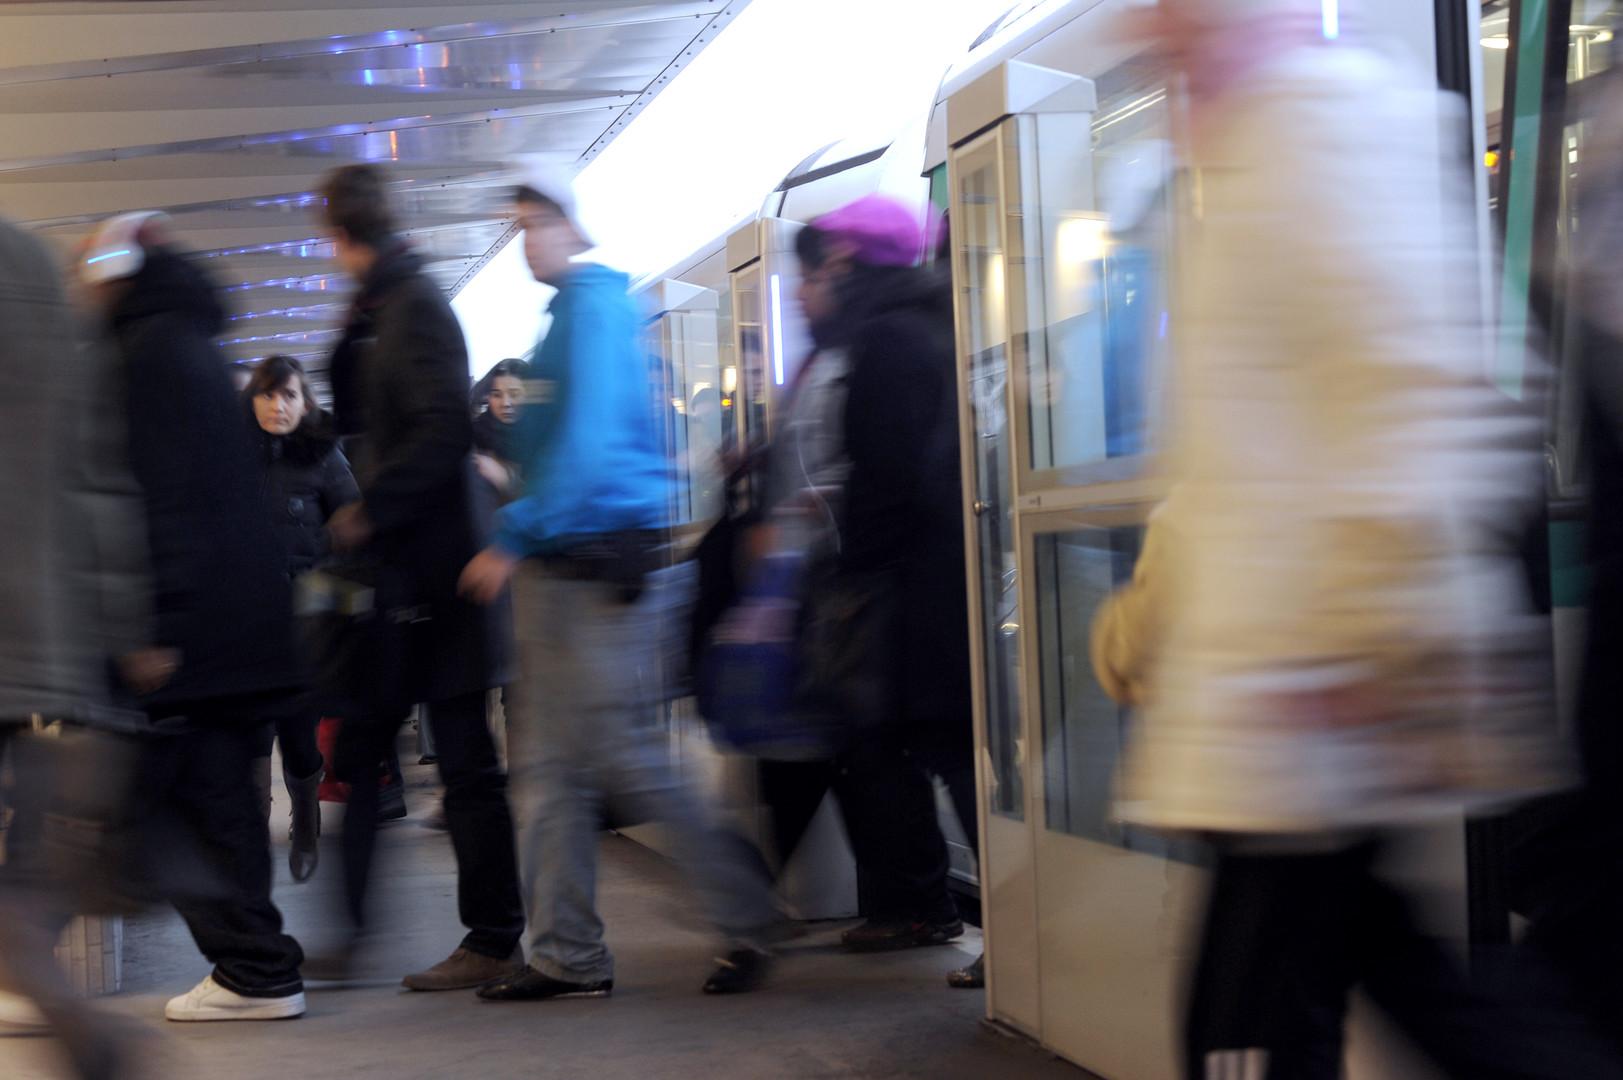 Une jeune femme filme son harceleur en train de se masturber dans le métro parisien, la RATP réagit